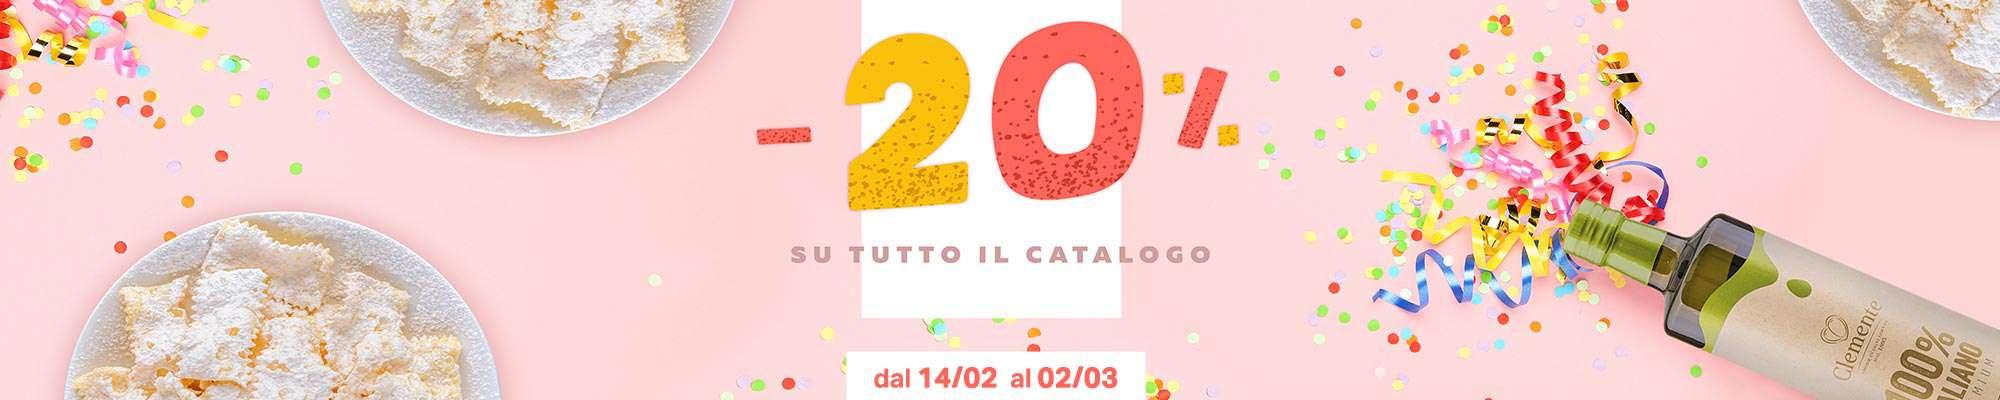 Olio Clemente Shop Online Header